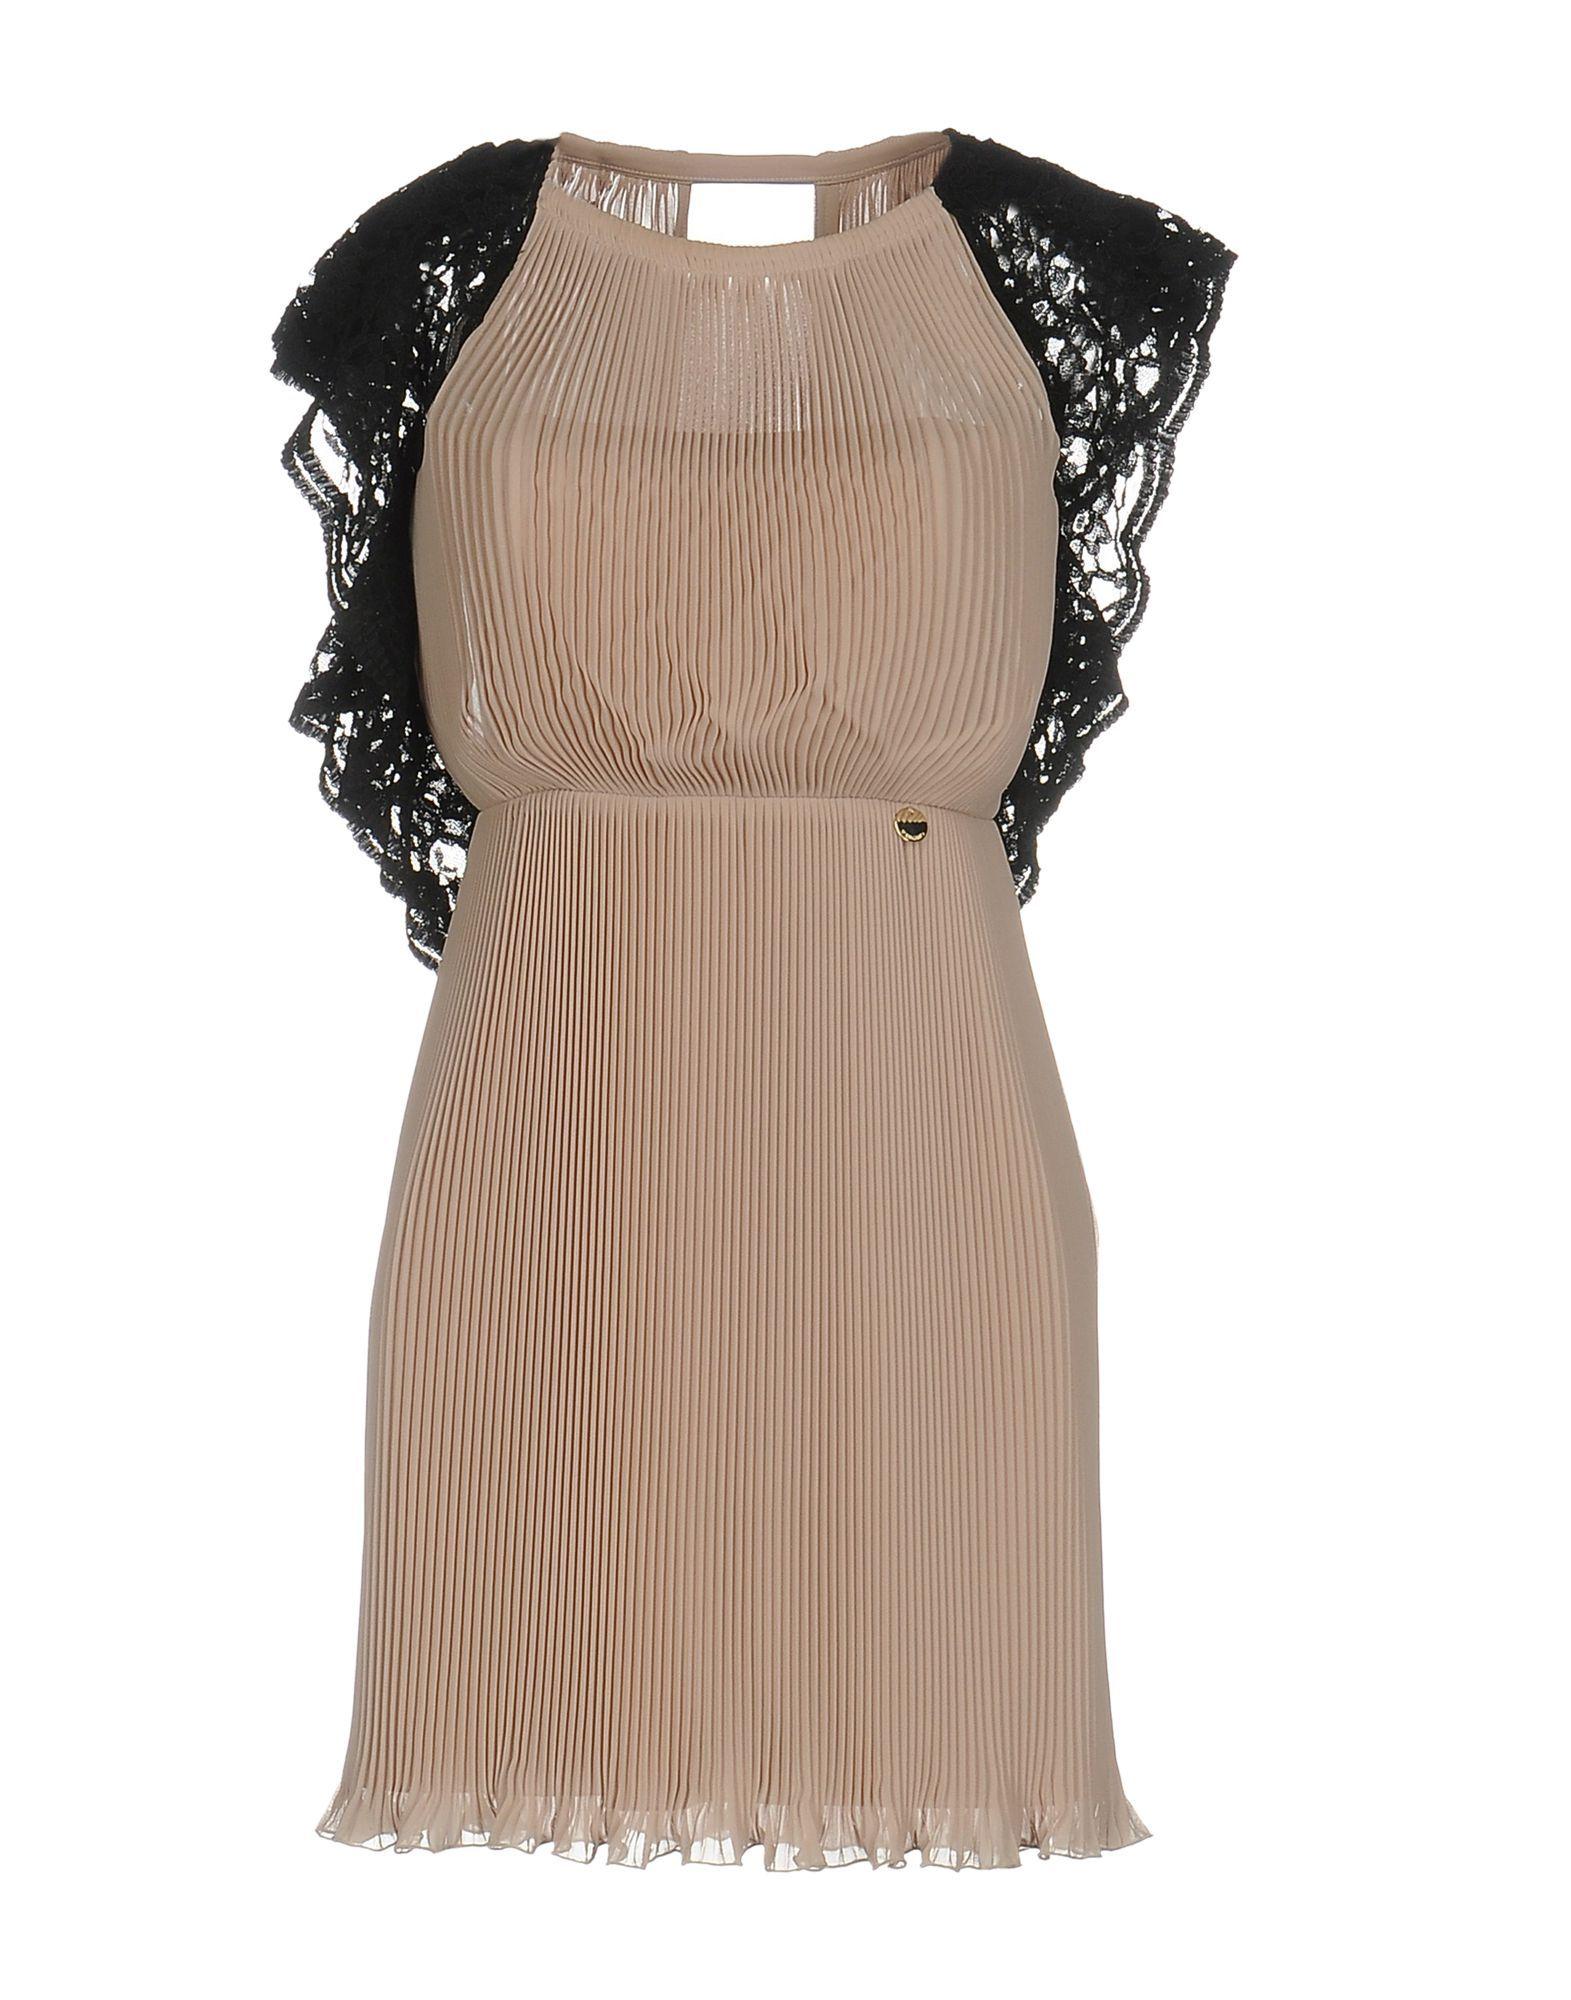 Mangano Pale Pink Crepe And Lace Dress